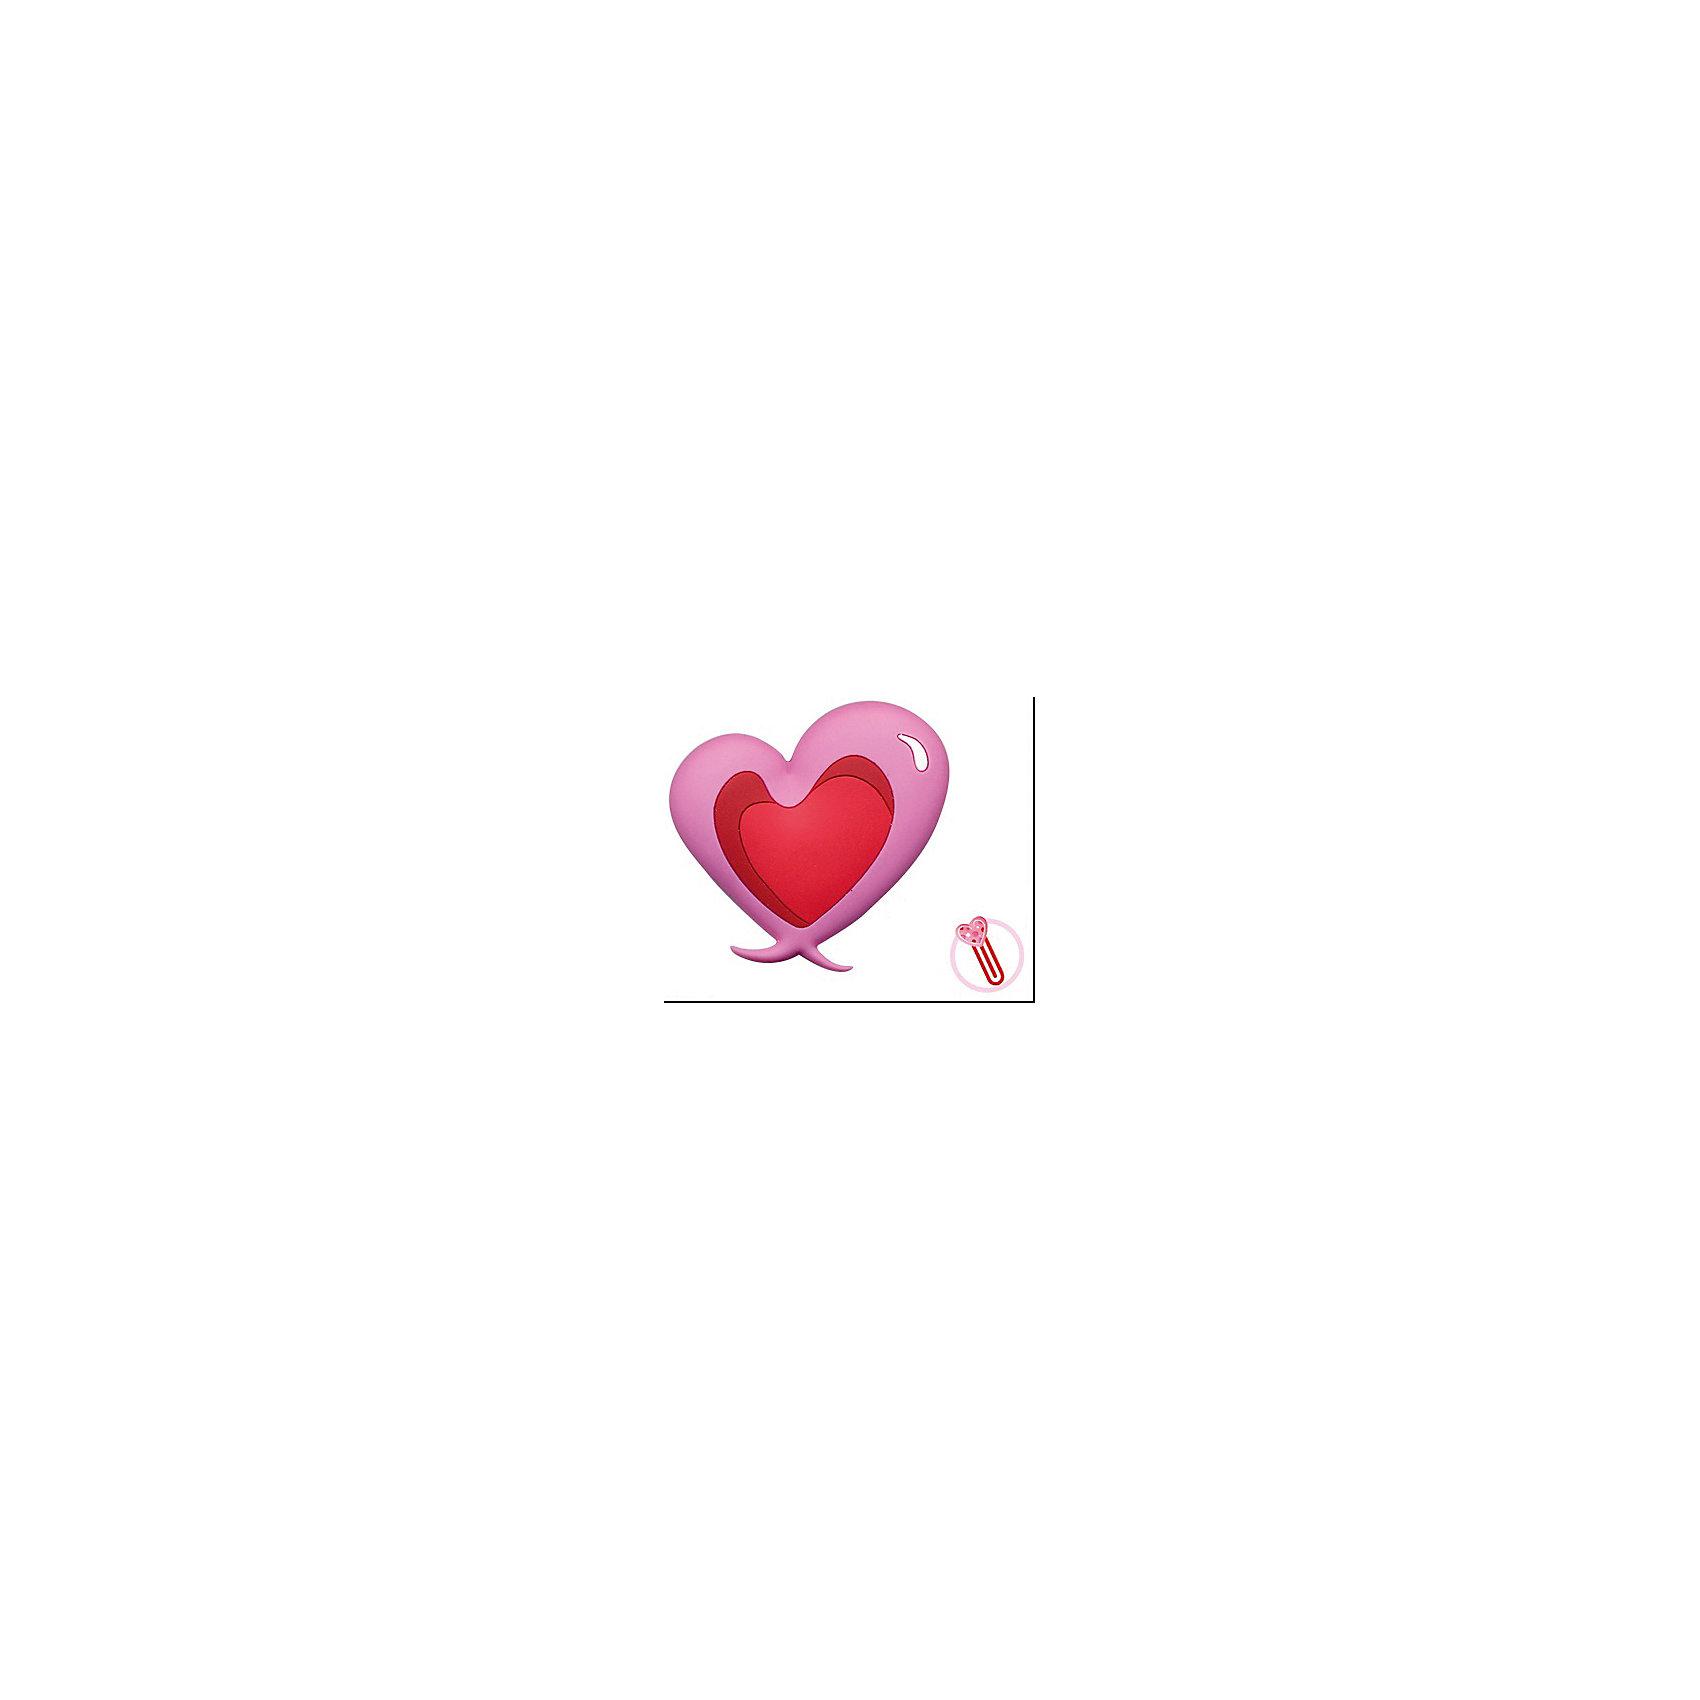 - Закладка-сувенир для книг Двухцветное сердце что в виде сувенира из туапсе